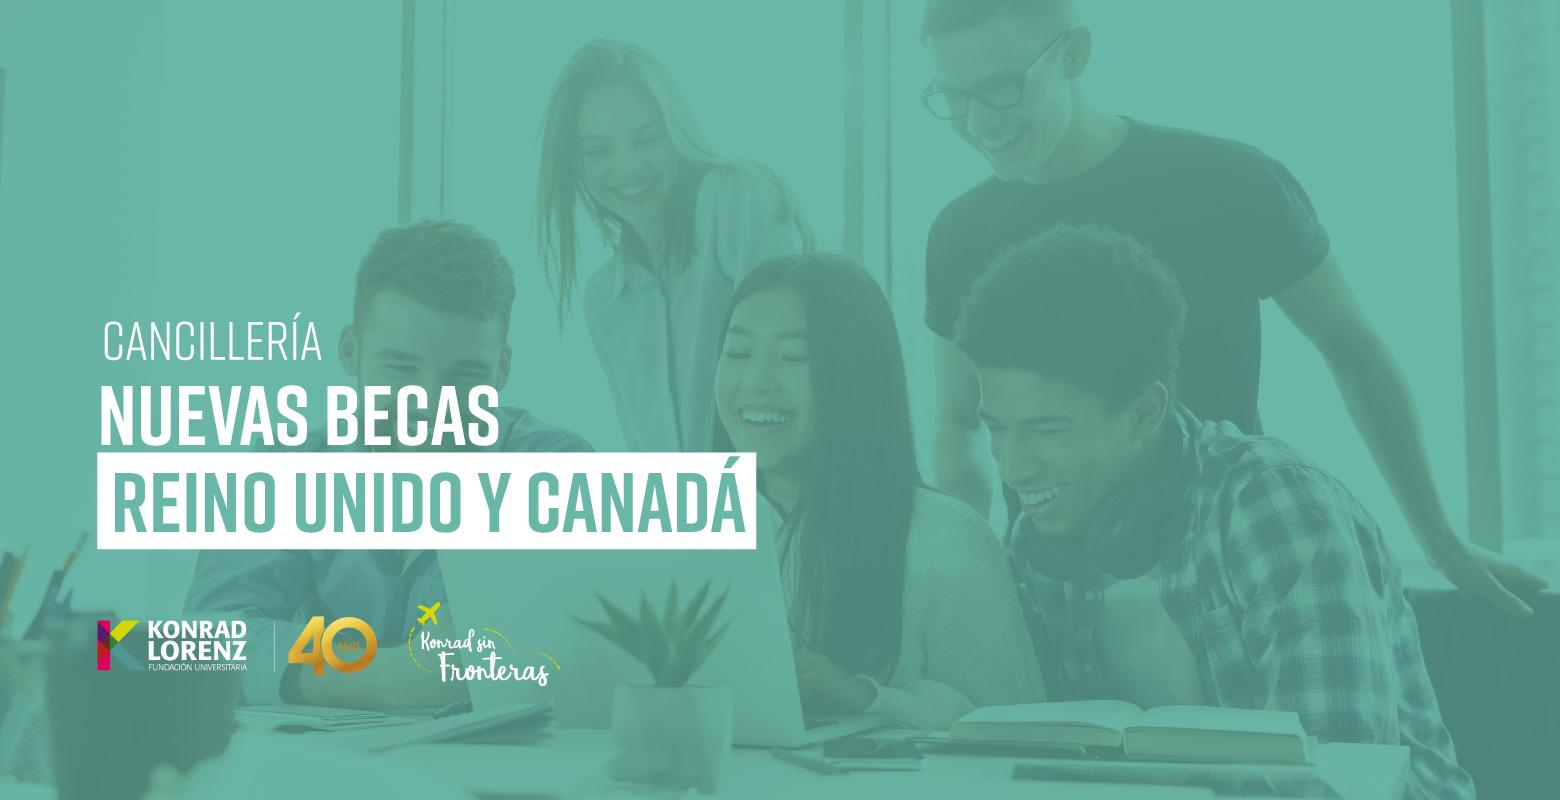 Cancillería: Nuevas Becas Reino Unido y Canadá